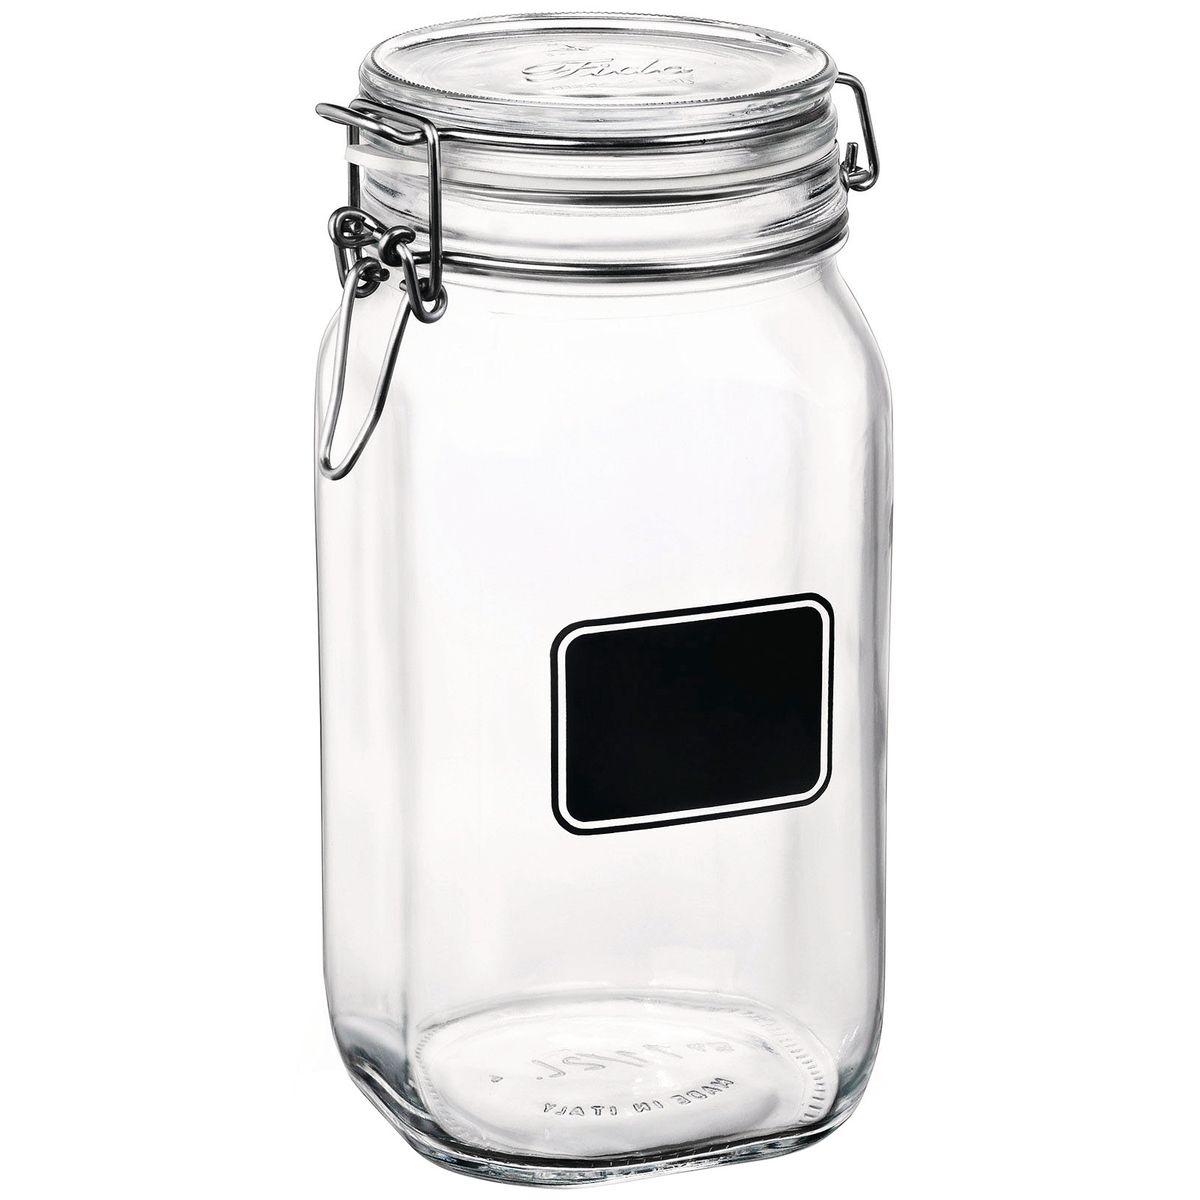 Bocal de conservation en verre avec etiquette 150 cl - Bormioli